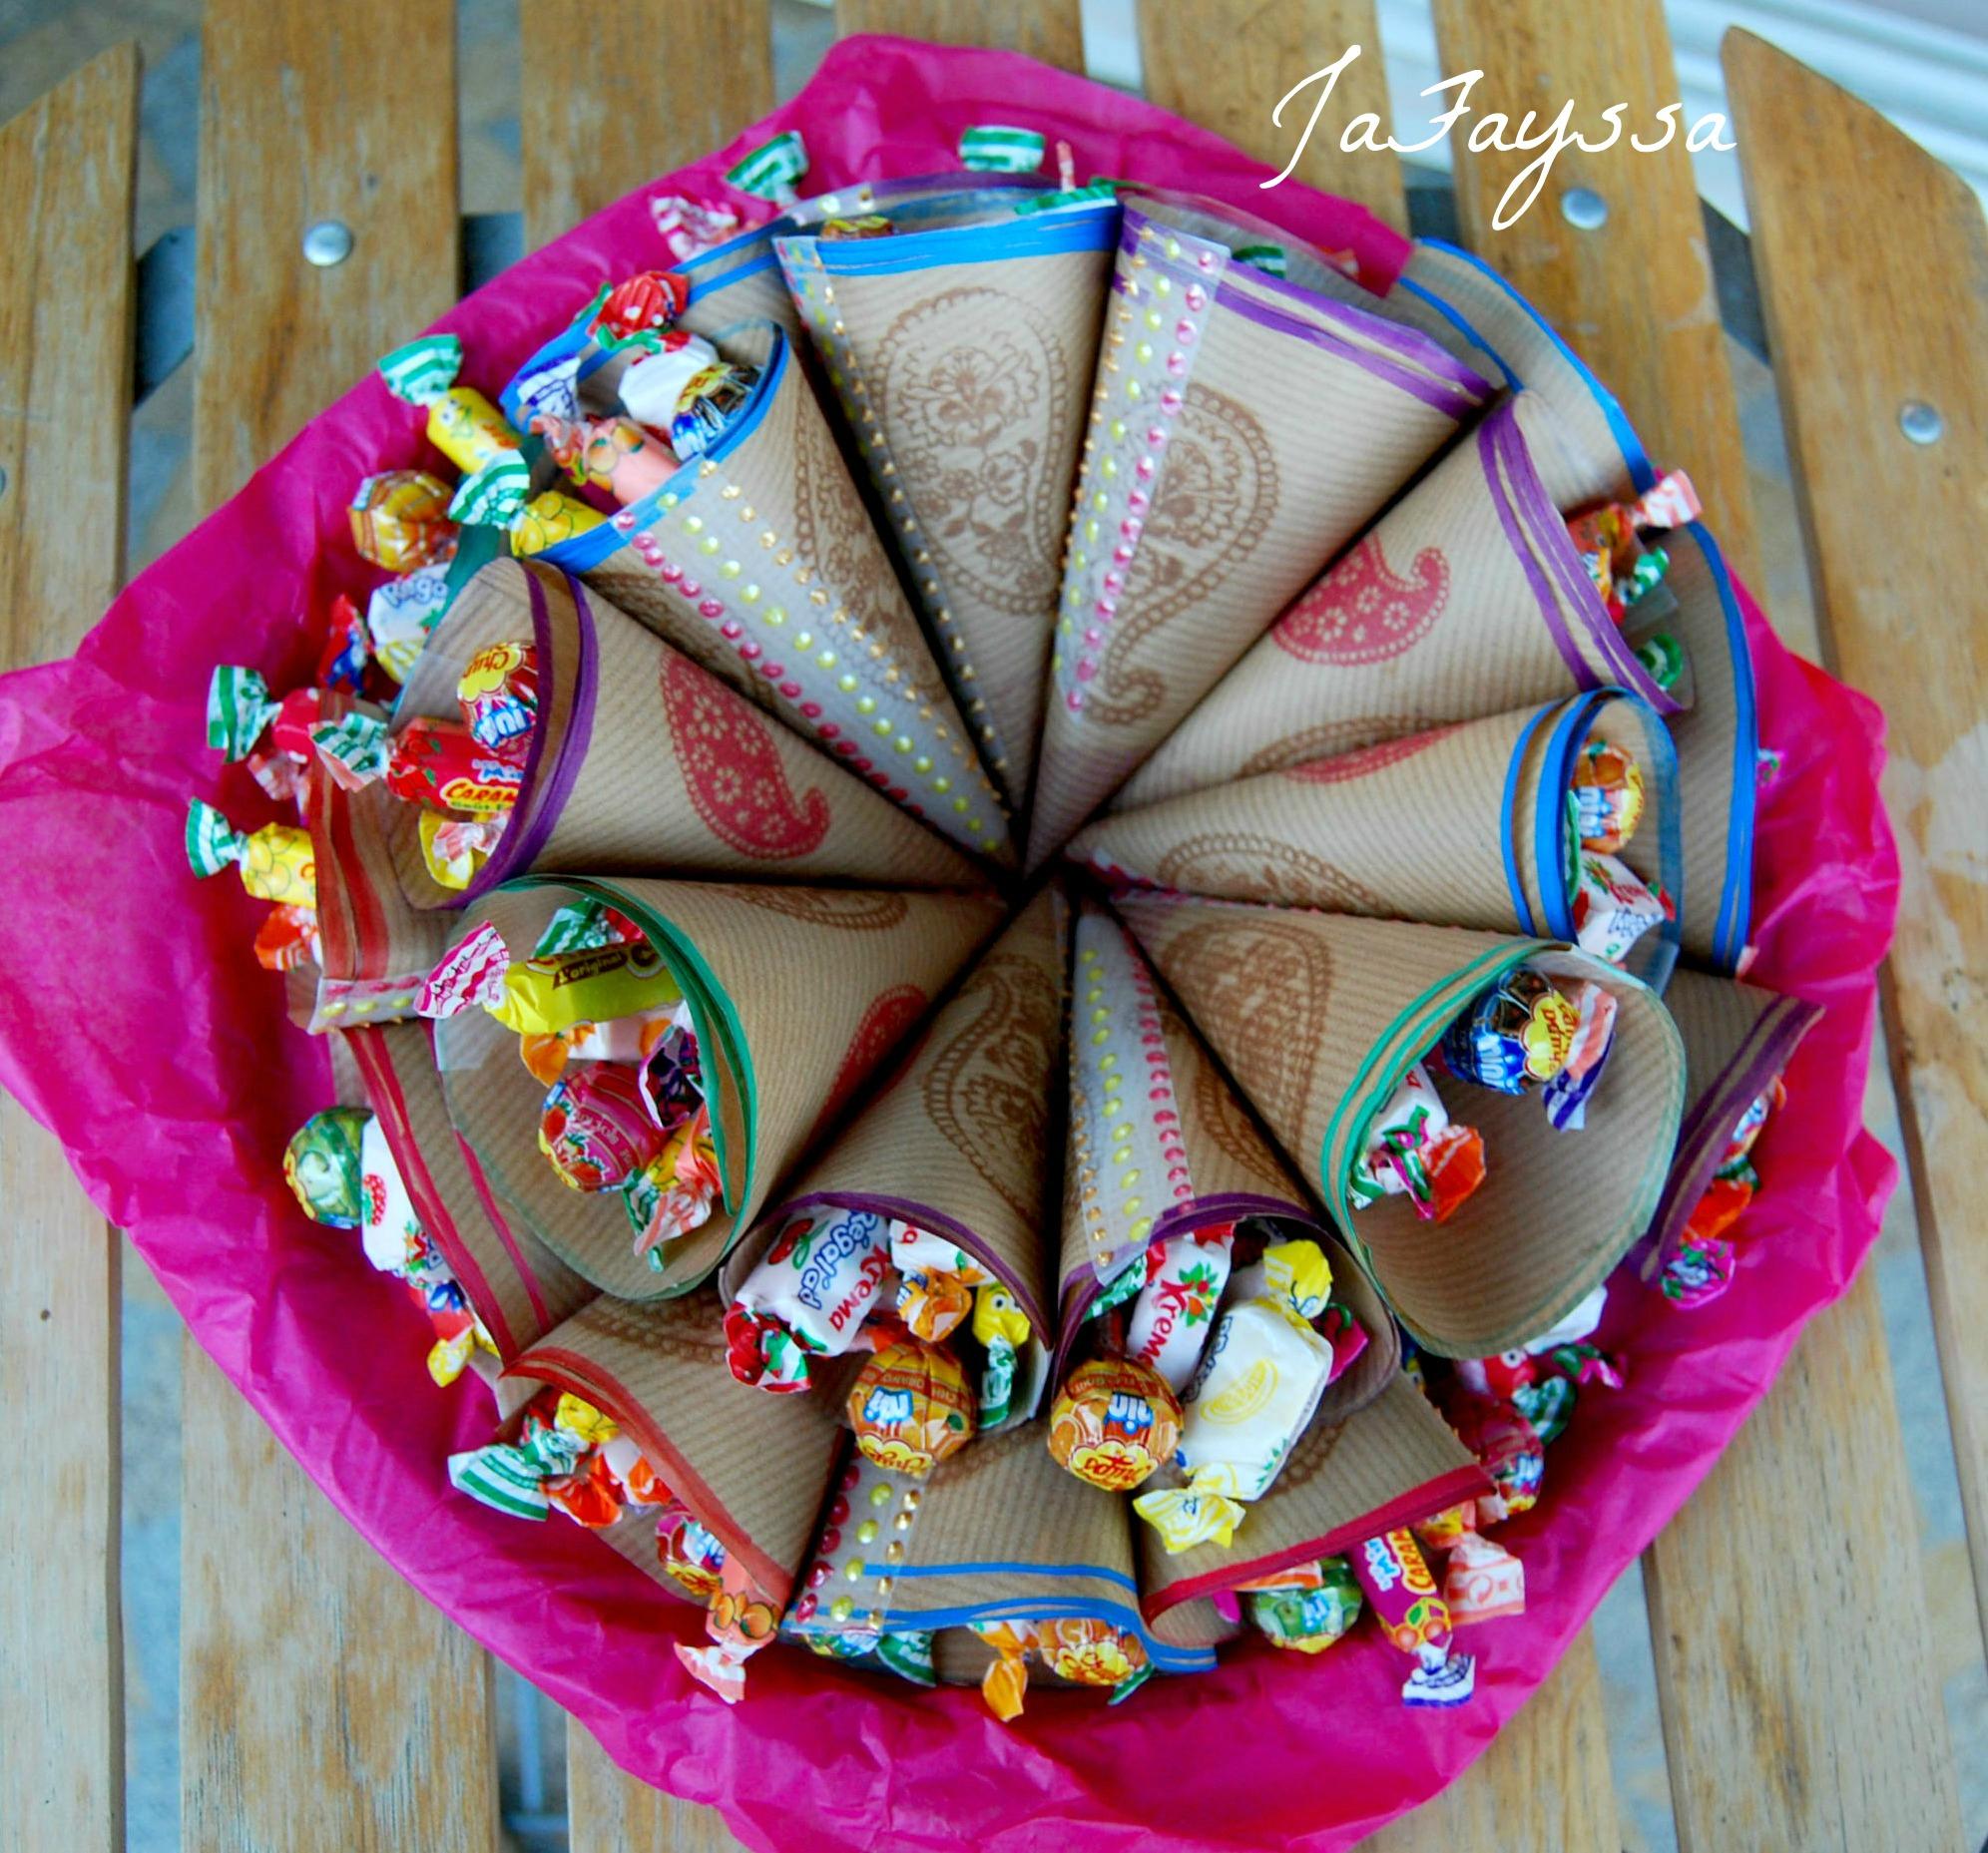 Faire Des Sacs Pour Bonbons : R?aliser un cornet de gourmandises jafayssa